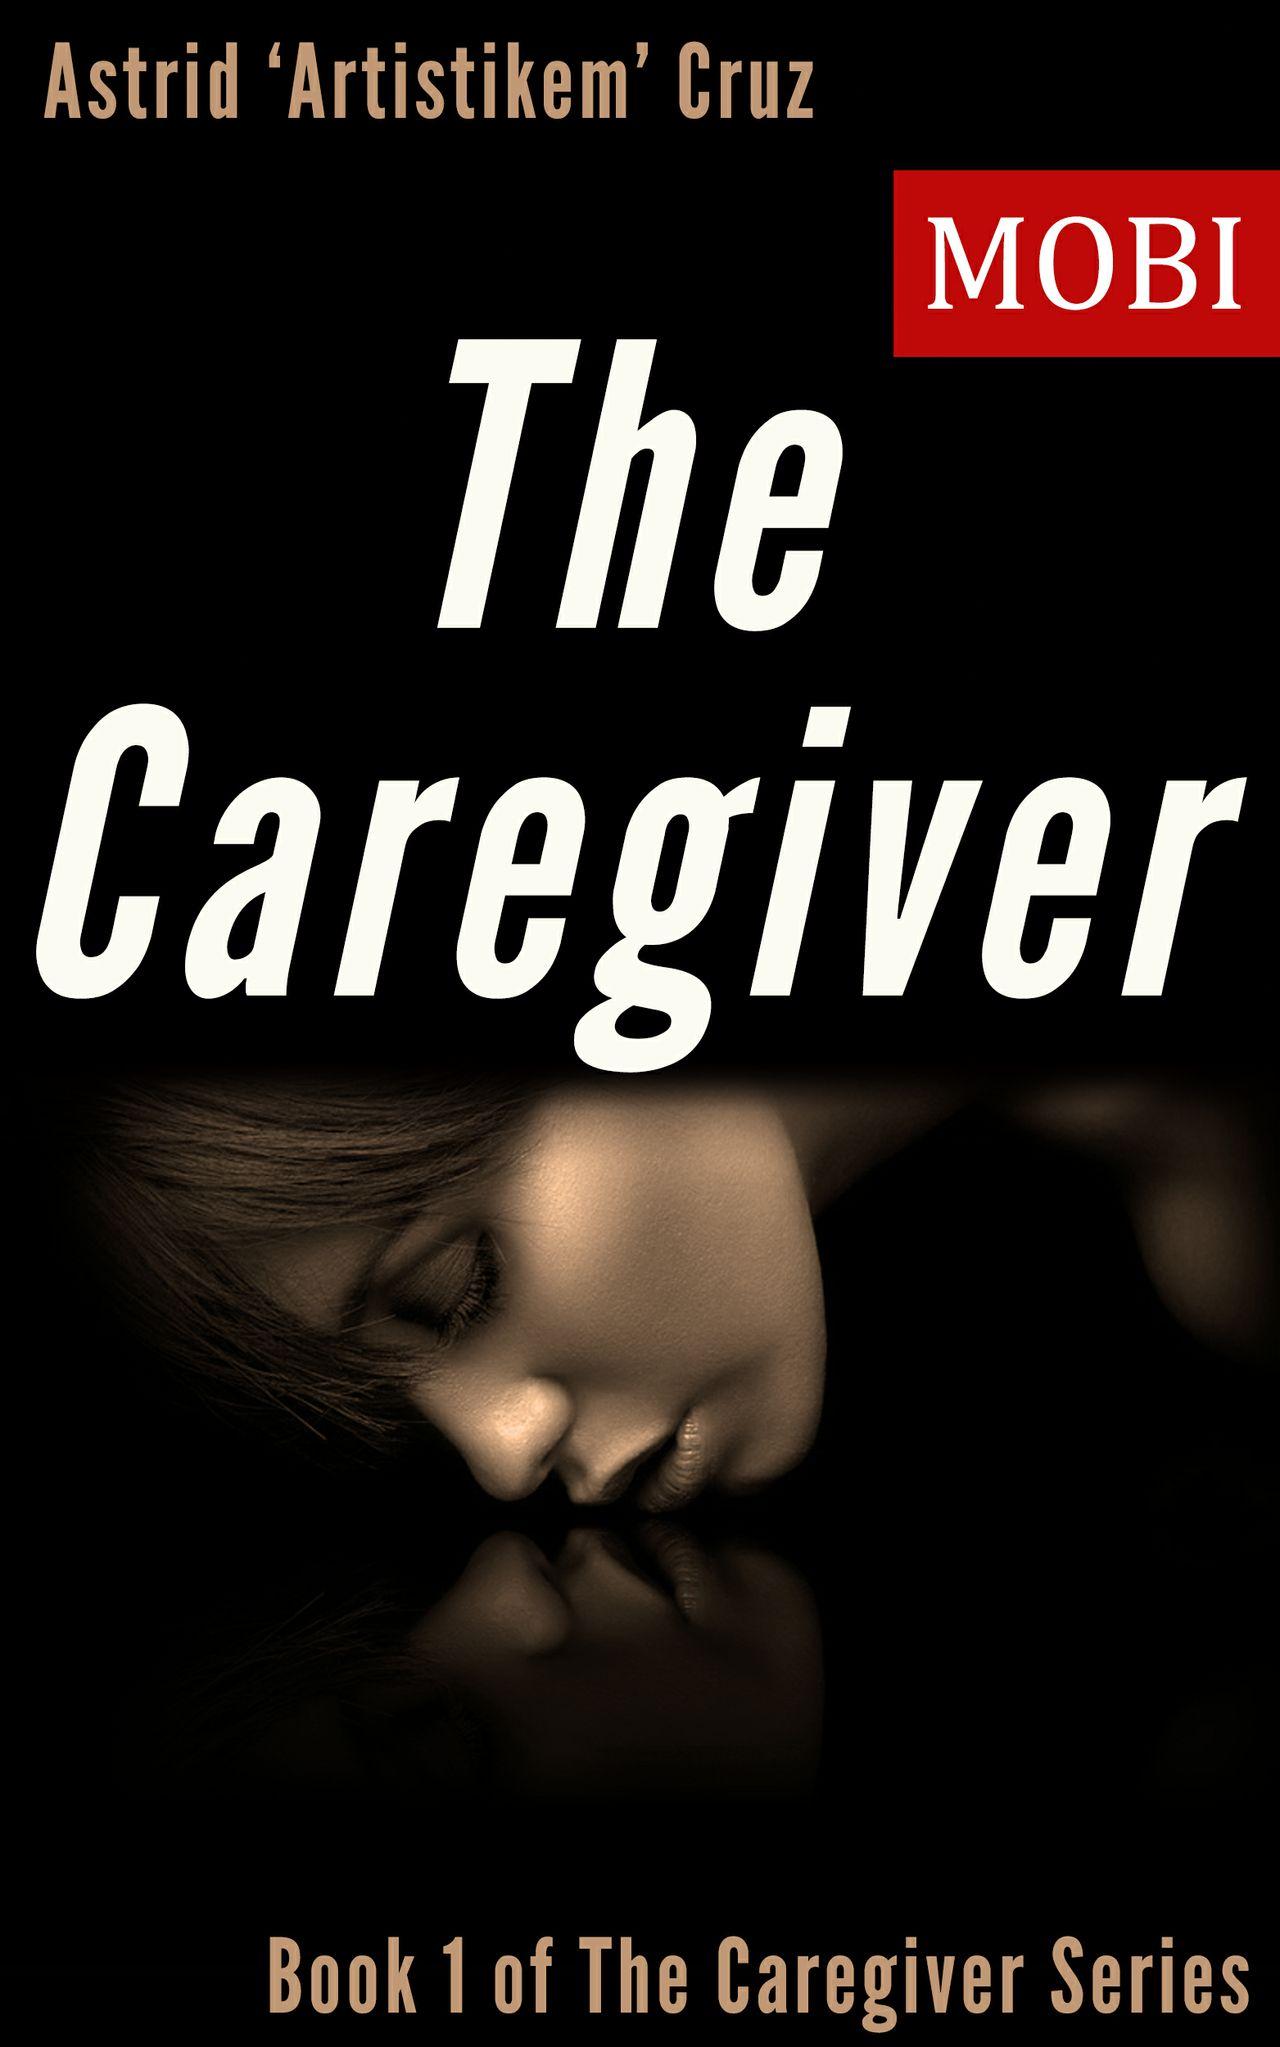 The Caregiver (Book 1 of The Caregiver Series) - mobi